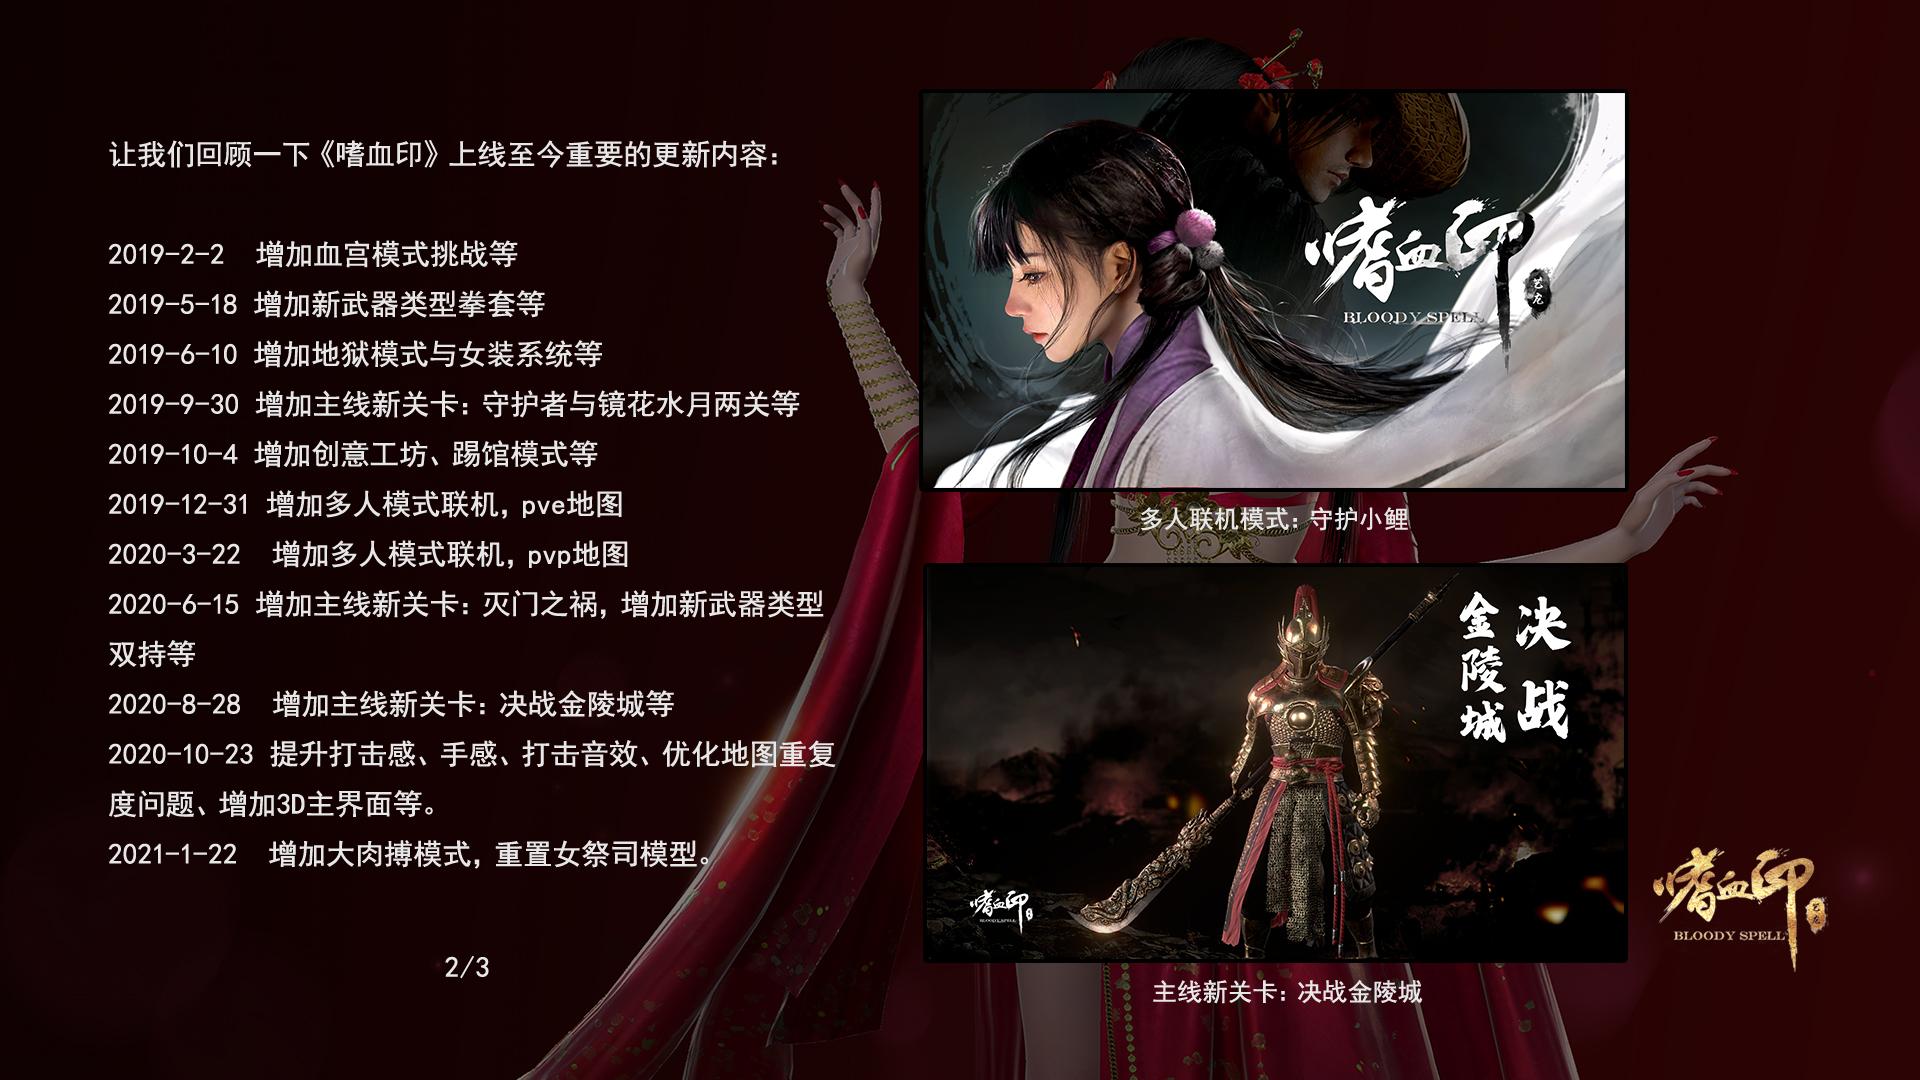 《嗜血印》年终总结发布 春节送女神性感旗袍